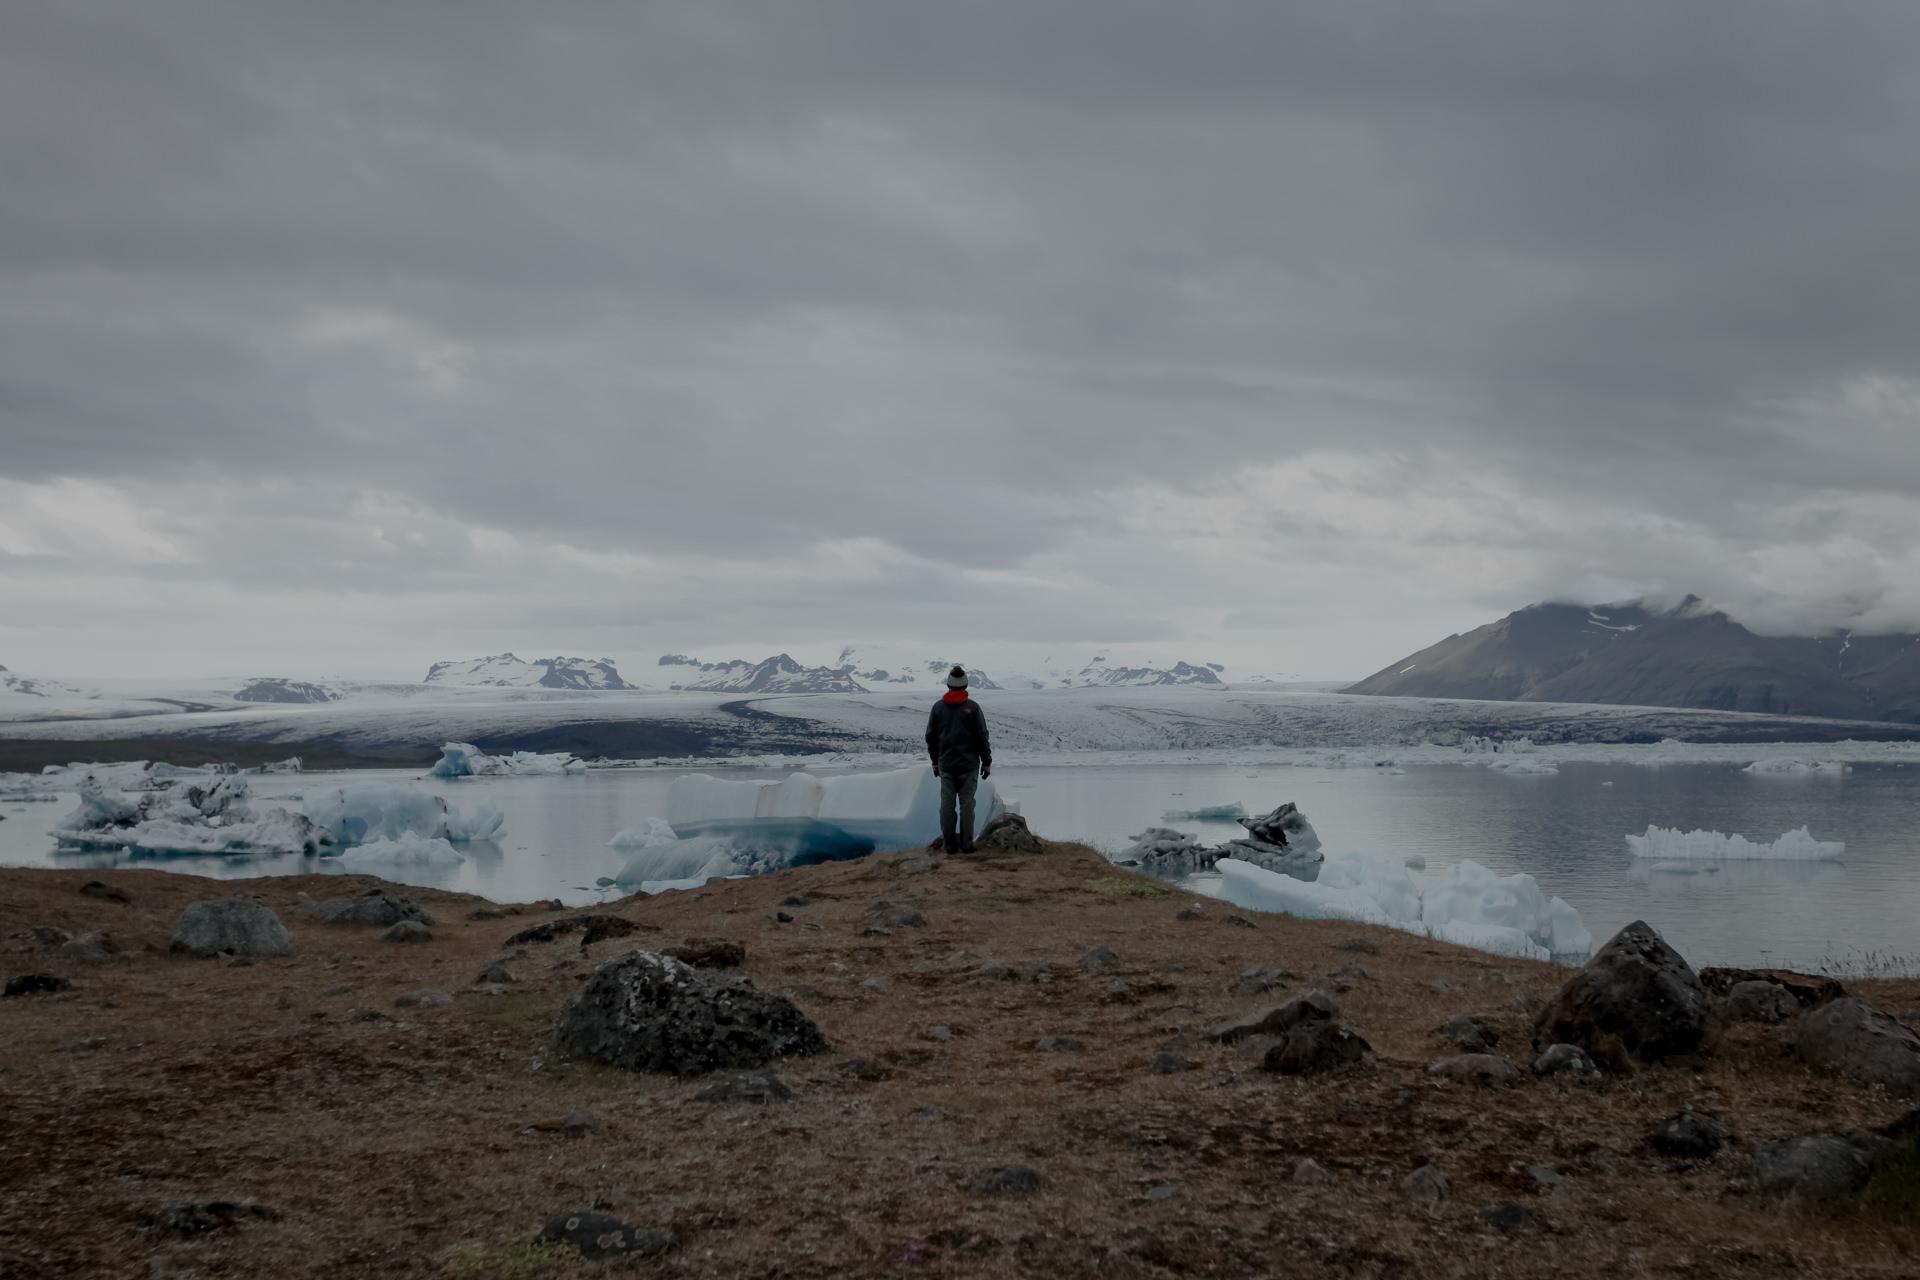 Jezioro lodowcowe Isladnia